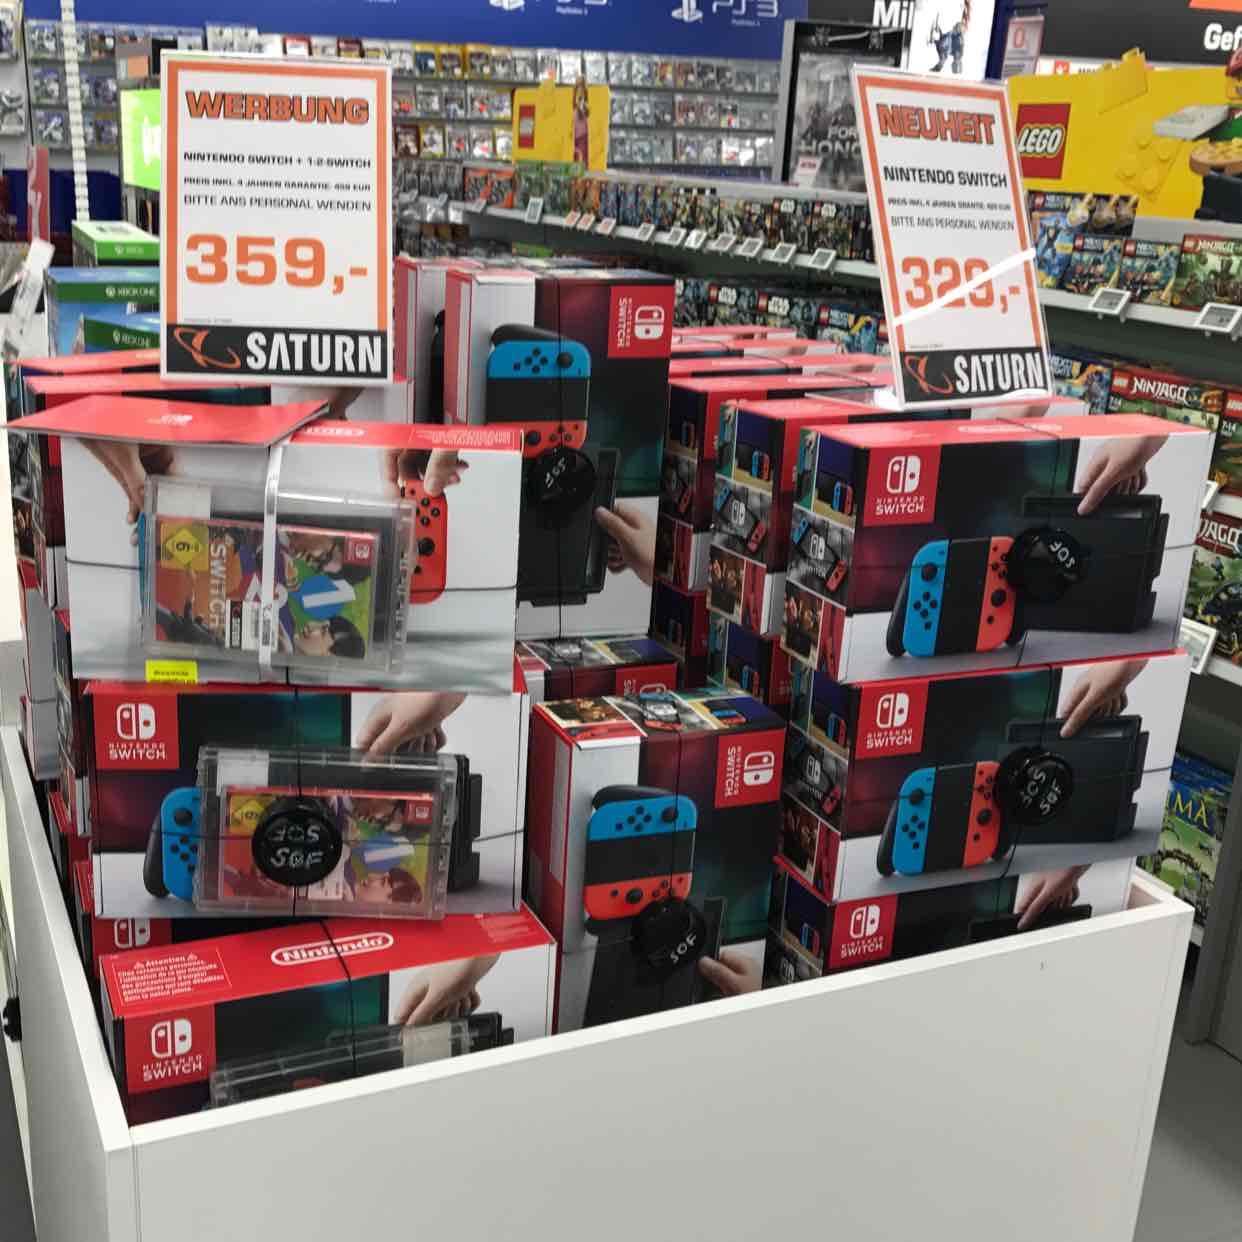 Nintendo Switch + 1,2 Switch oder Switch einzeln (Saturn Spandau)